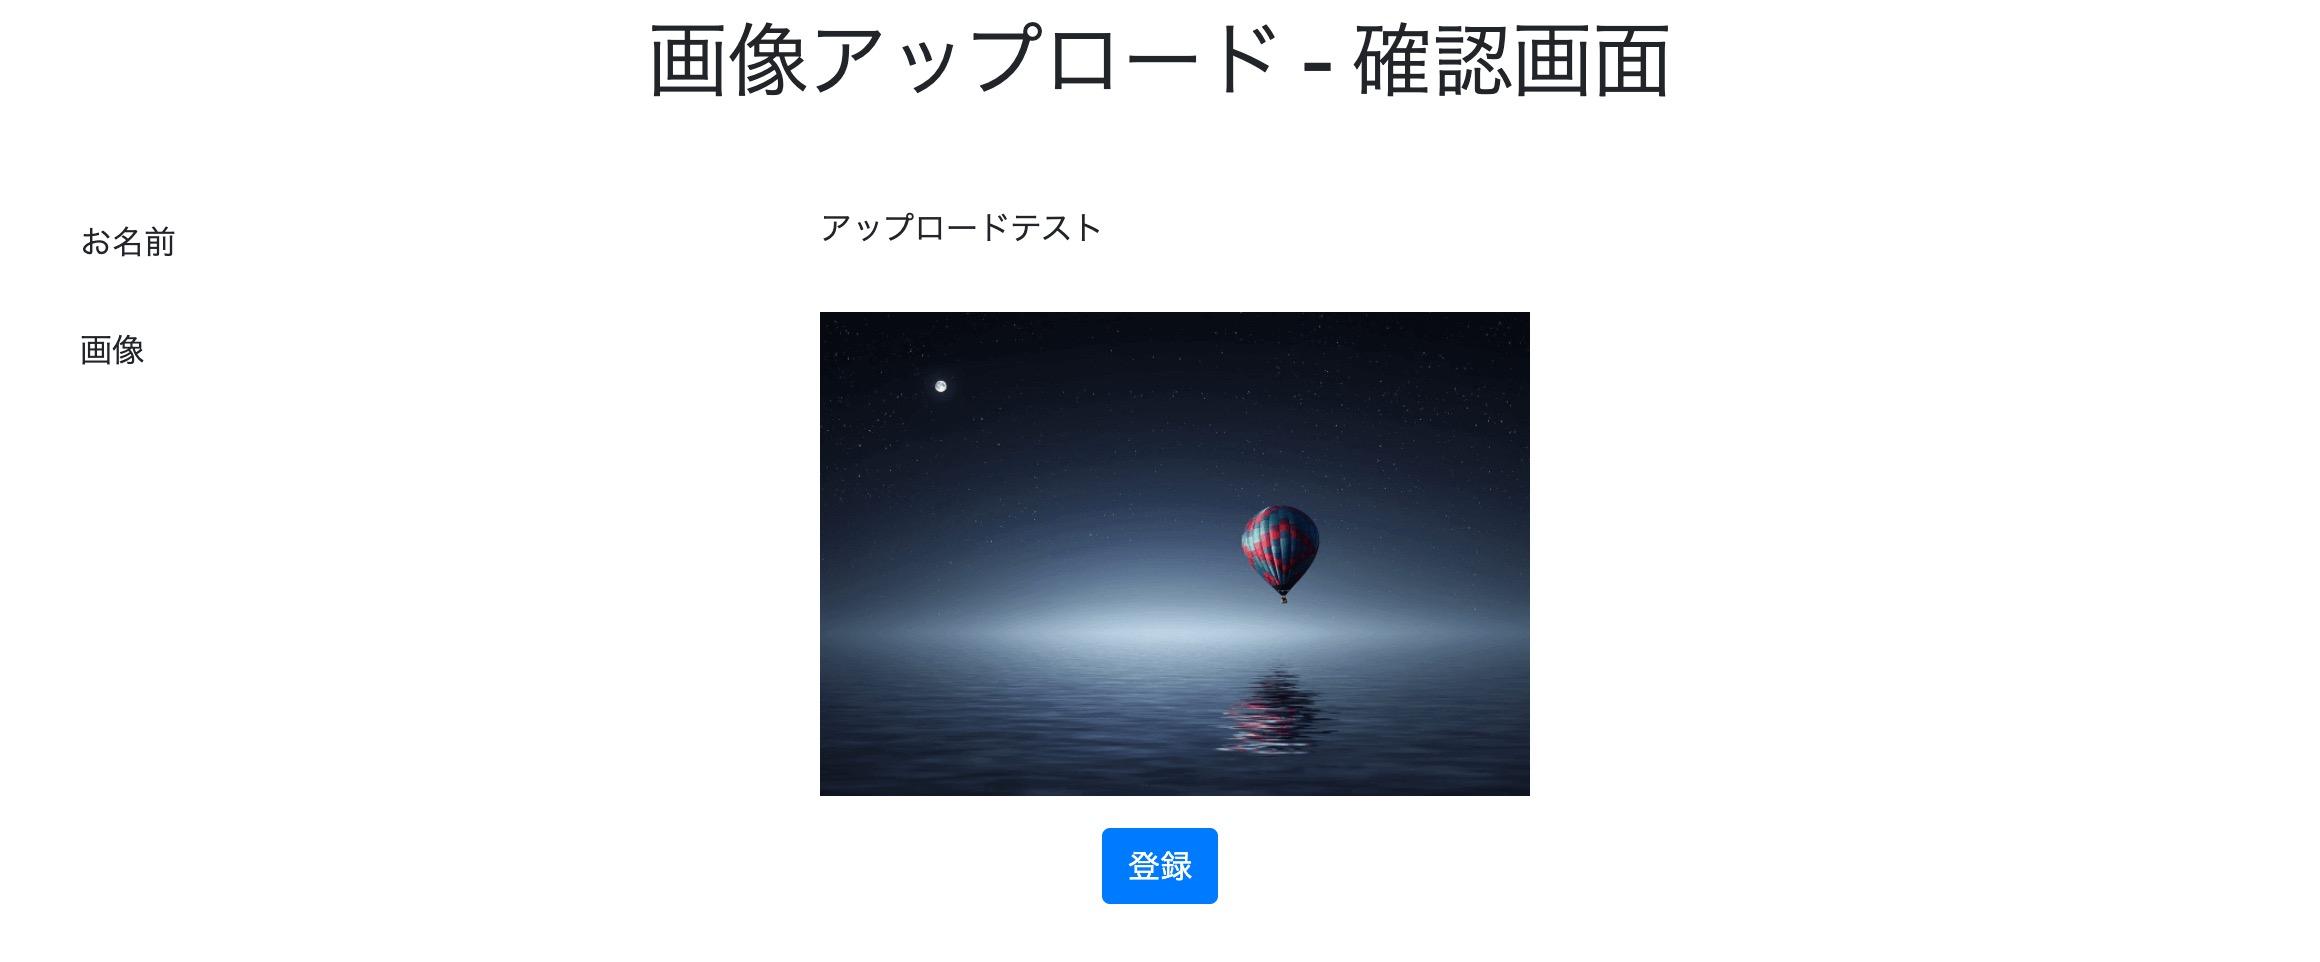 画像ファイルのアップロード方法(確認ページ)